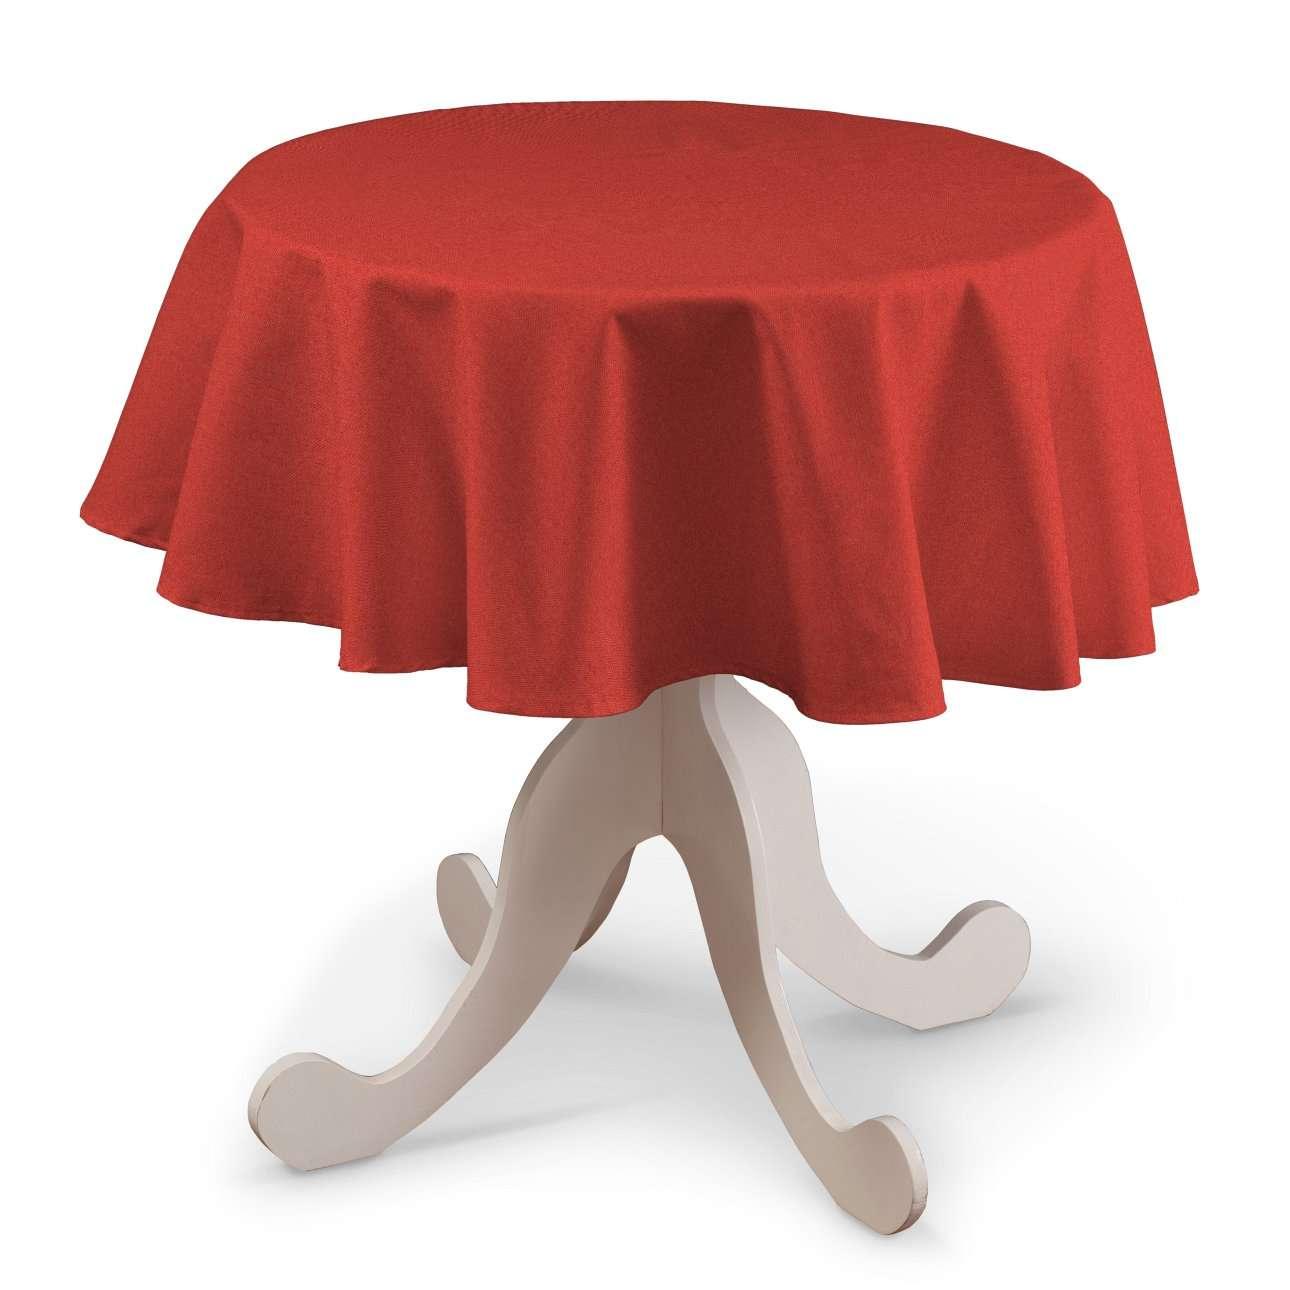 Runde Tischdecke von der Kollektion Wooly, Stoff: 142-33